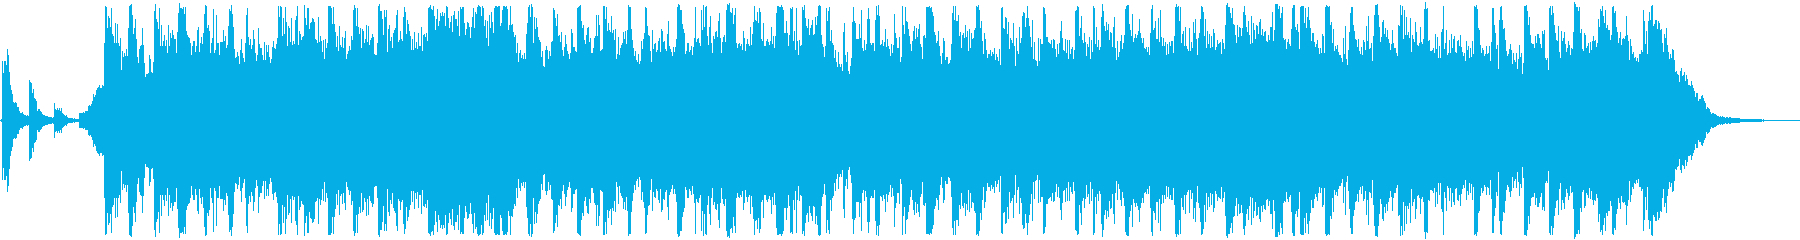 ハイテンションで派手なジングルベルの再生済みの波形